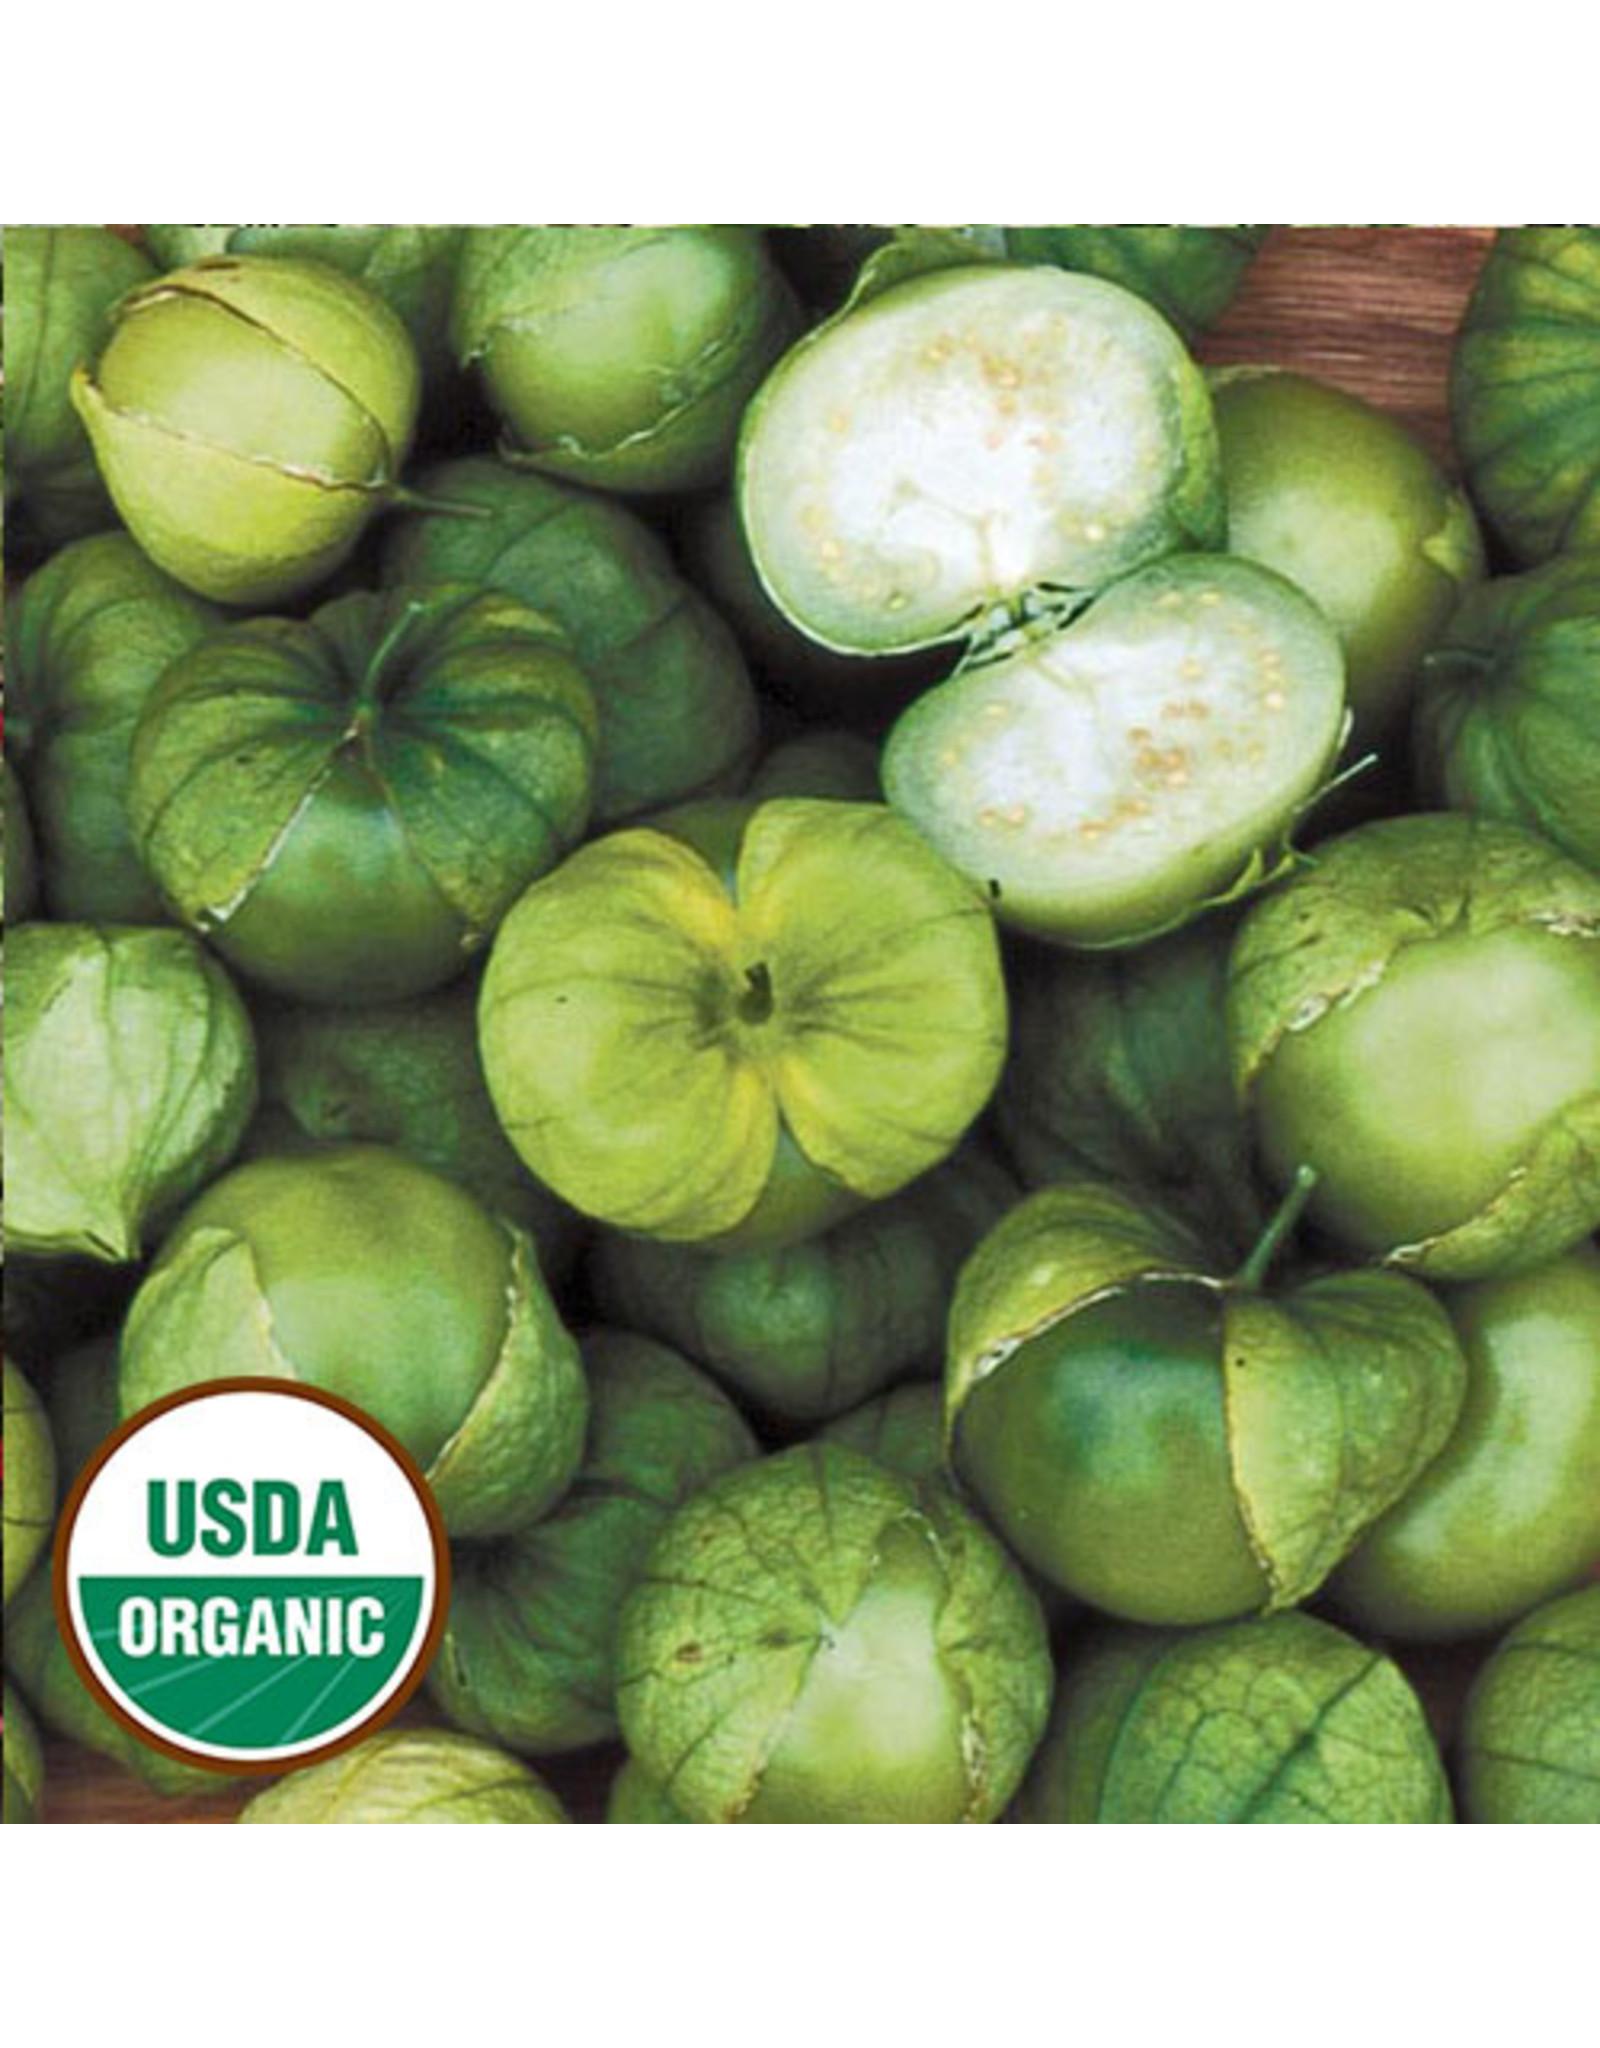 Seed Savers Tomatillo - Green Husk